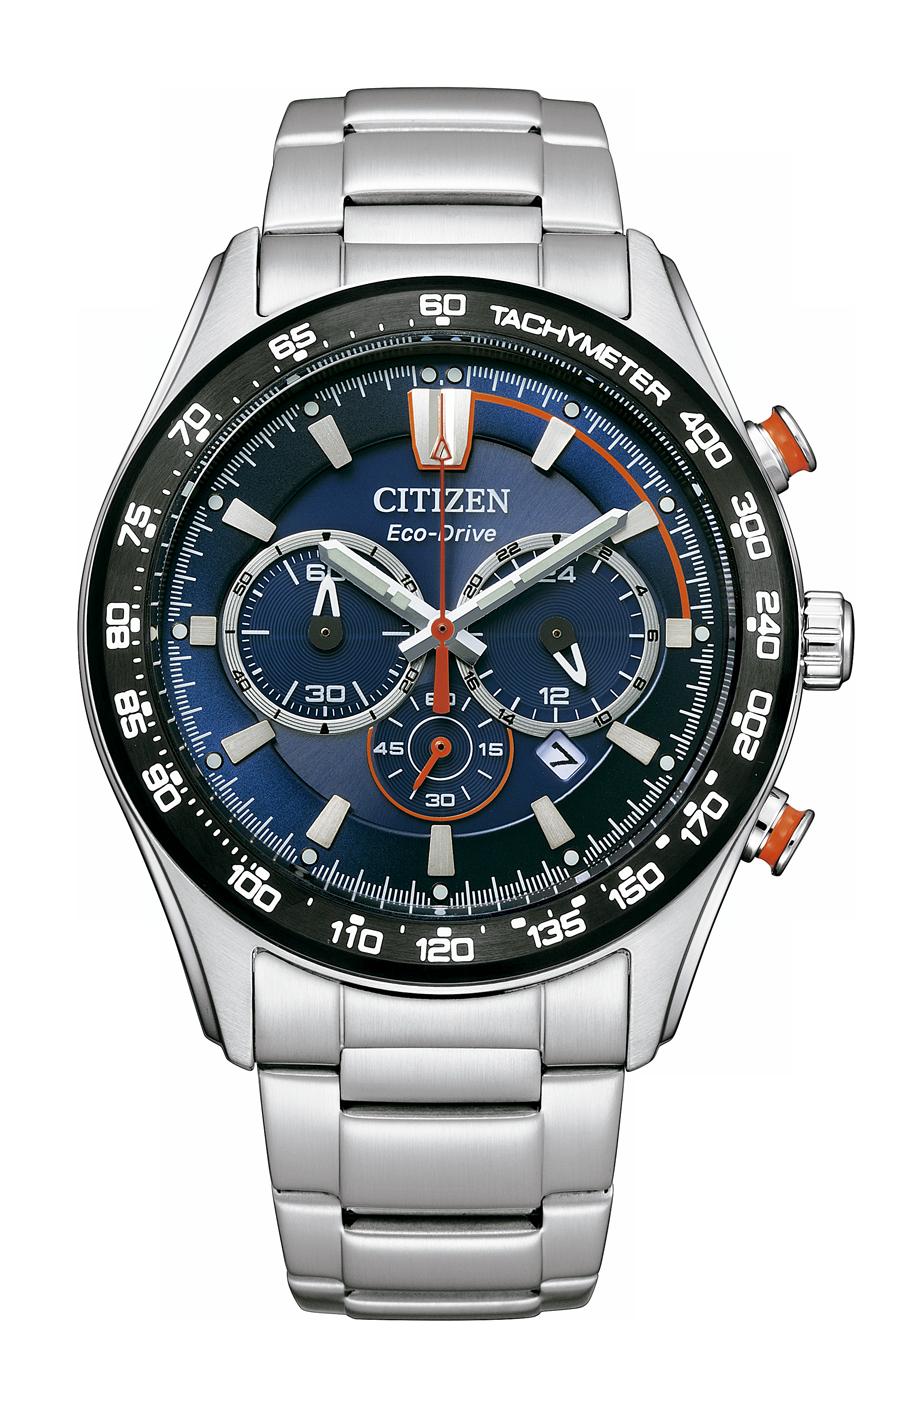 CA4486-82L reloj crono ecodrive de citizen of collection 2021